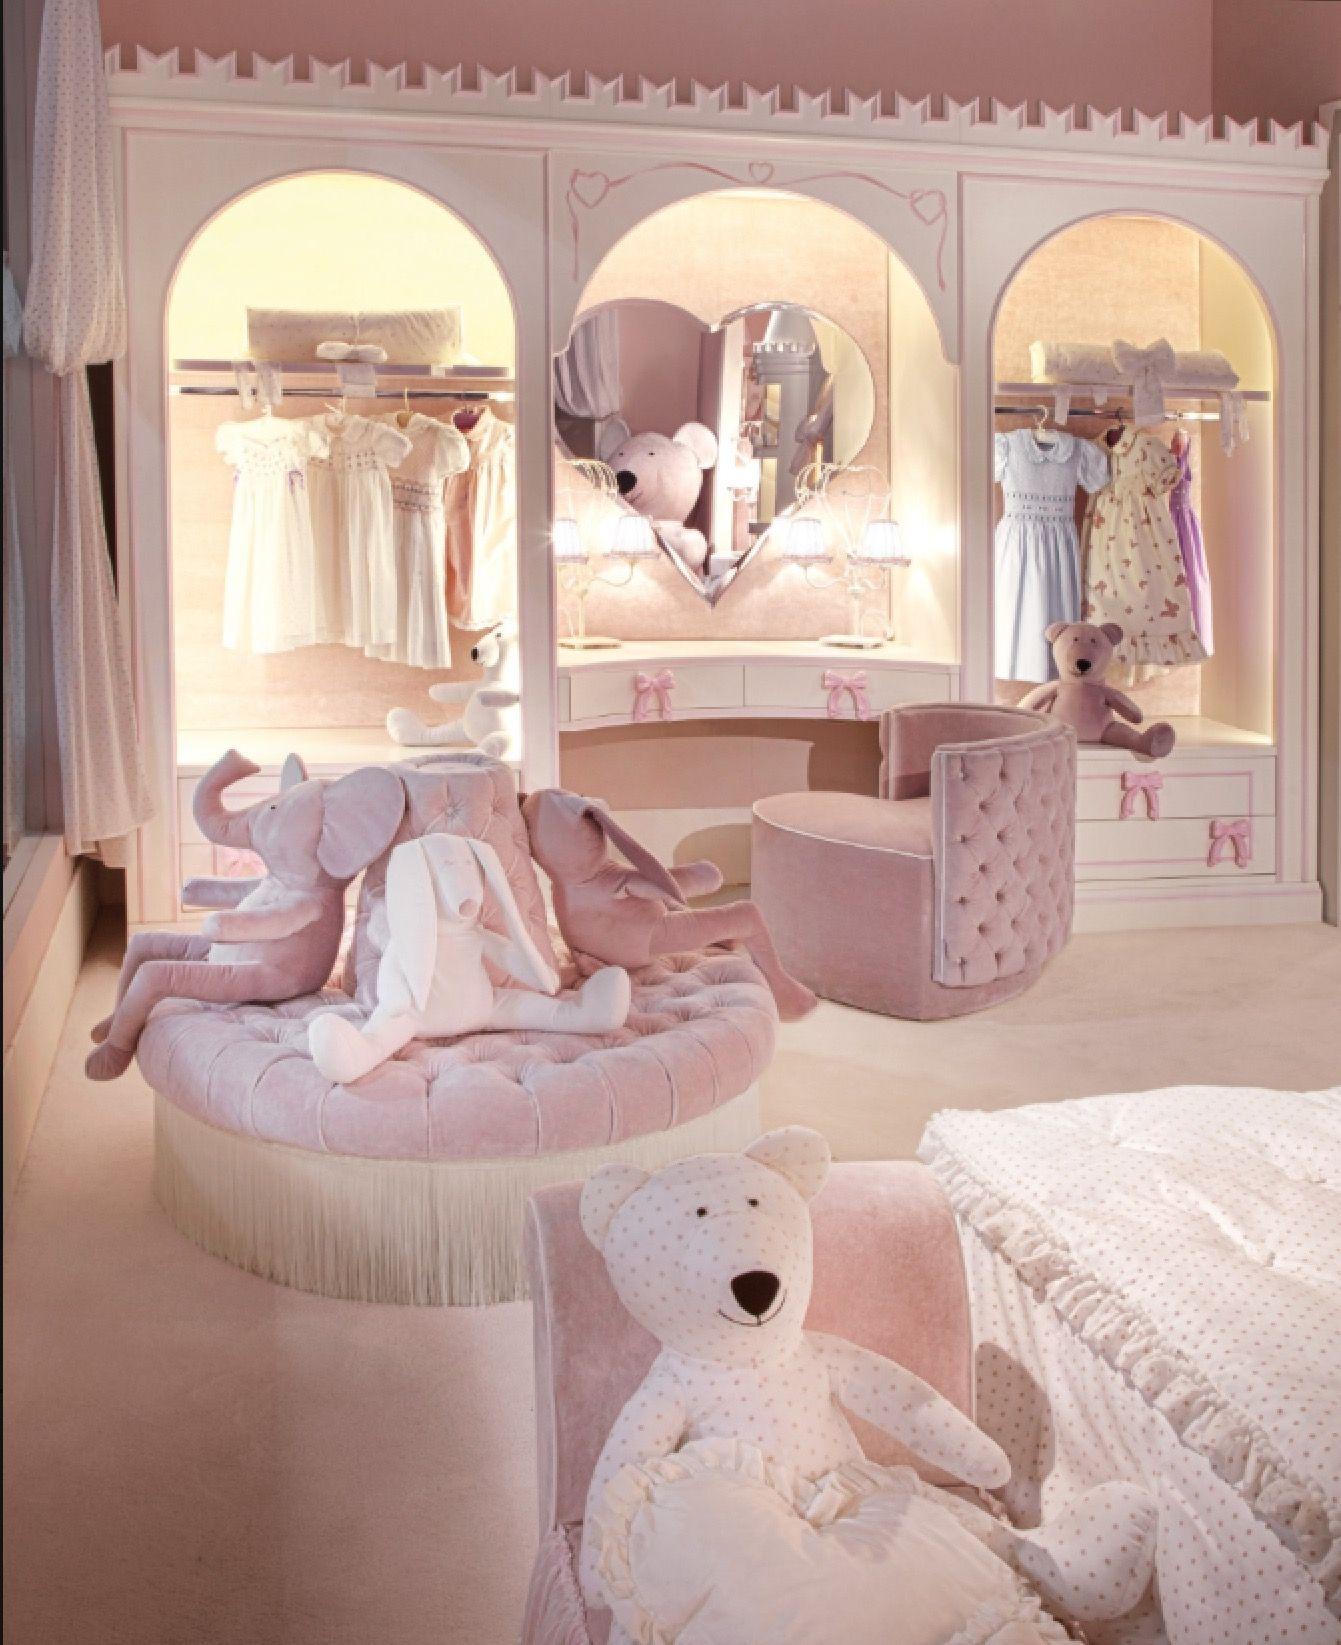 Pin By Shirley On Kids Bedrooms Girl Bedroom Designs Kids Room Design Baby Room Decor Luxury baby bedroom design